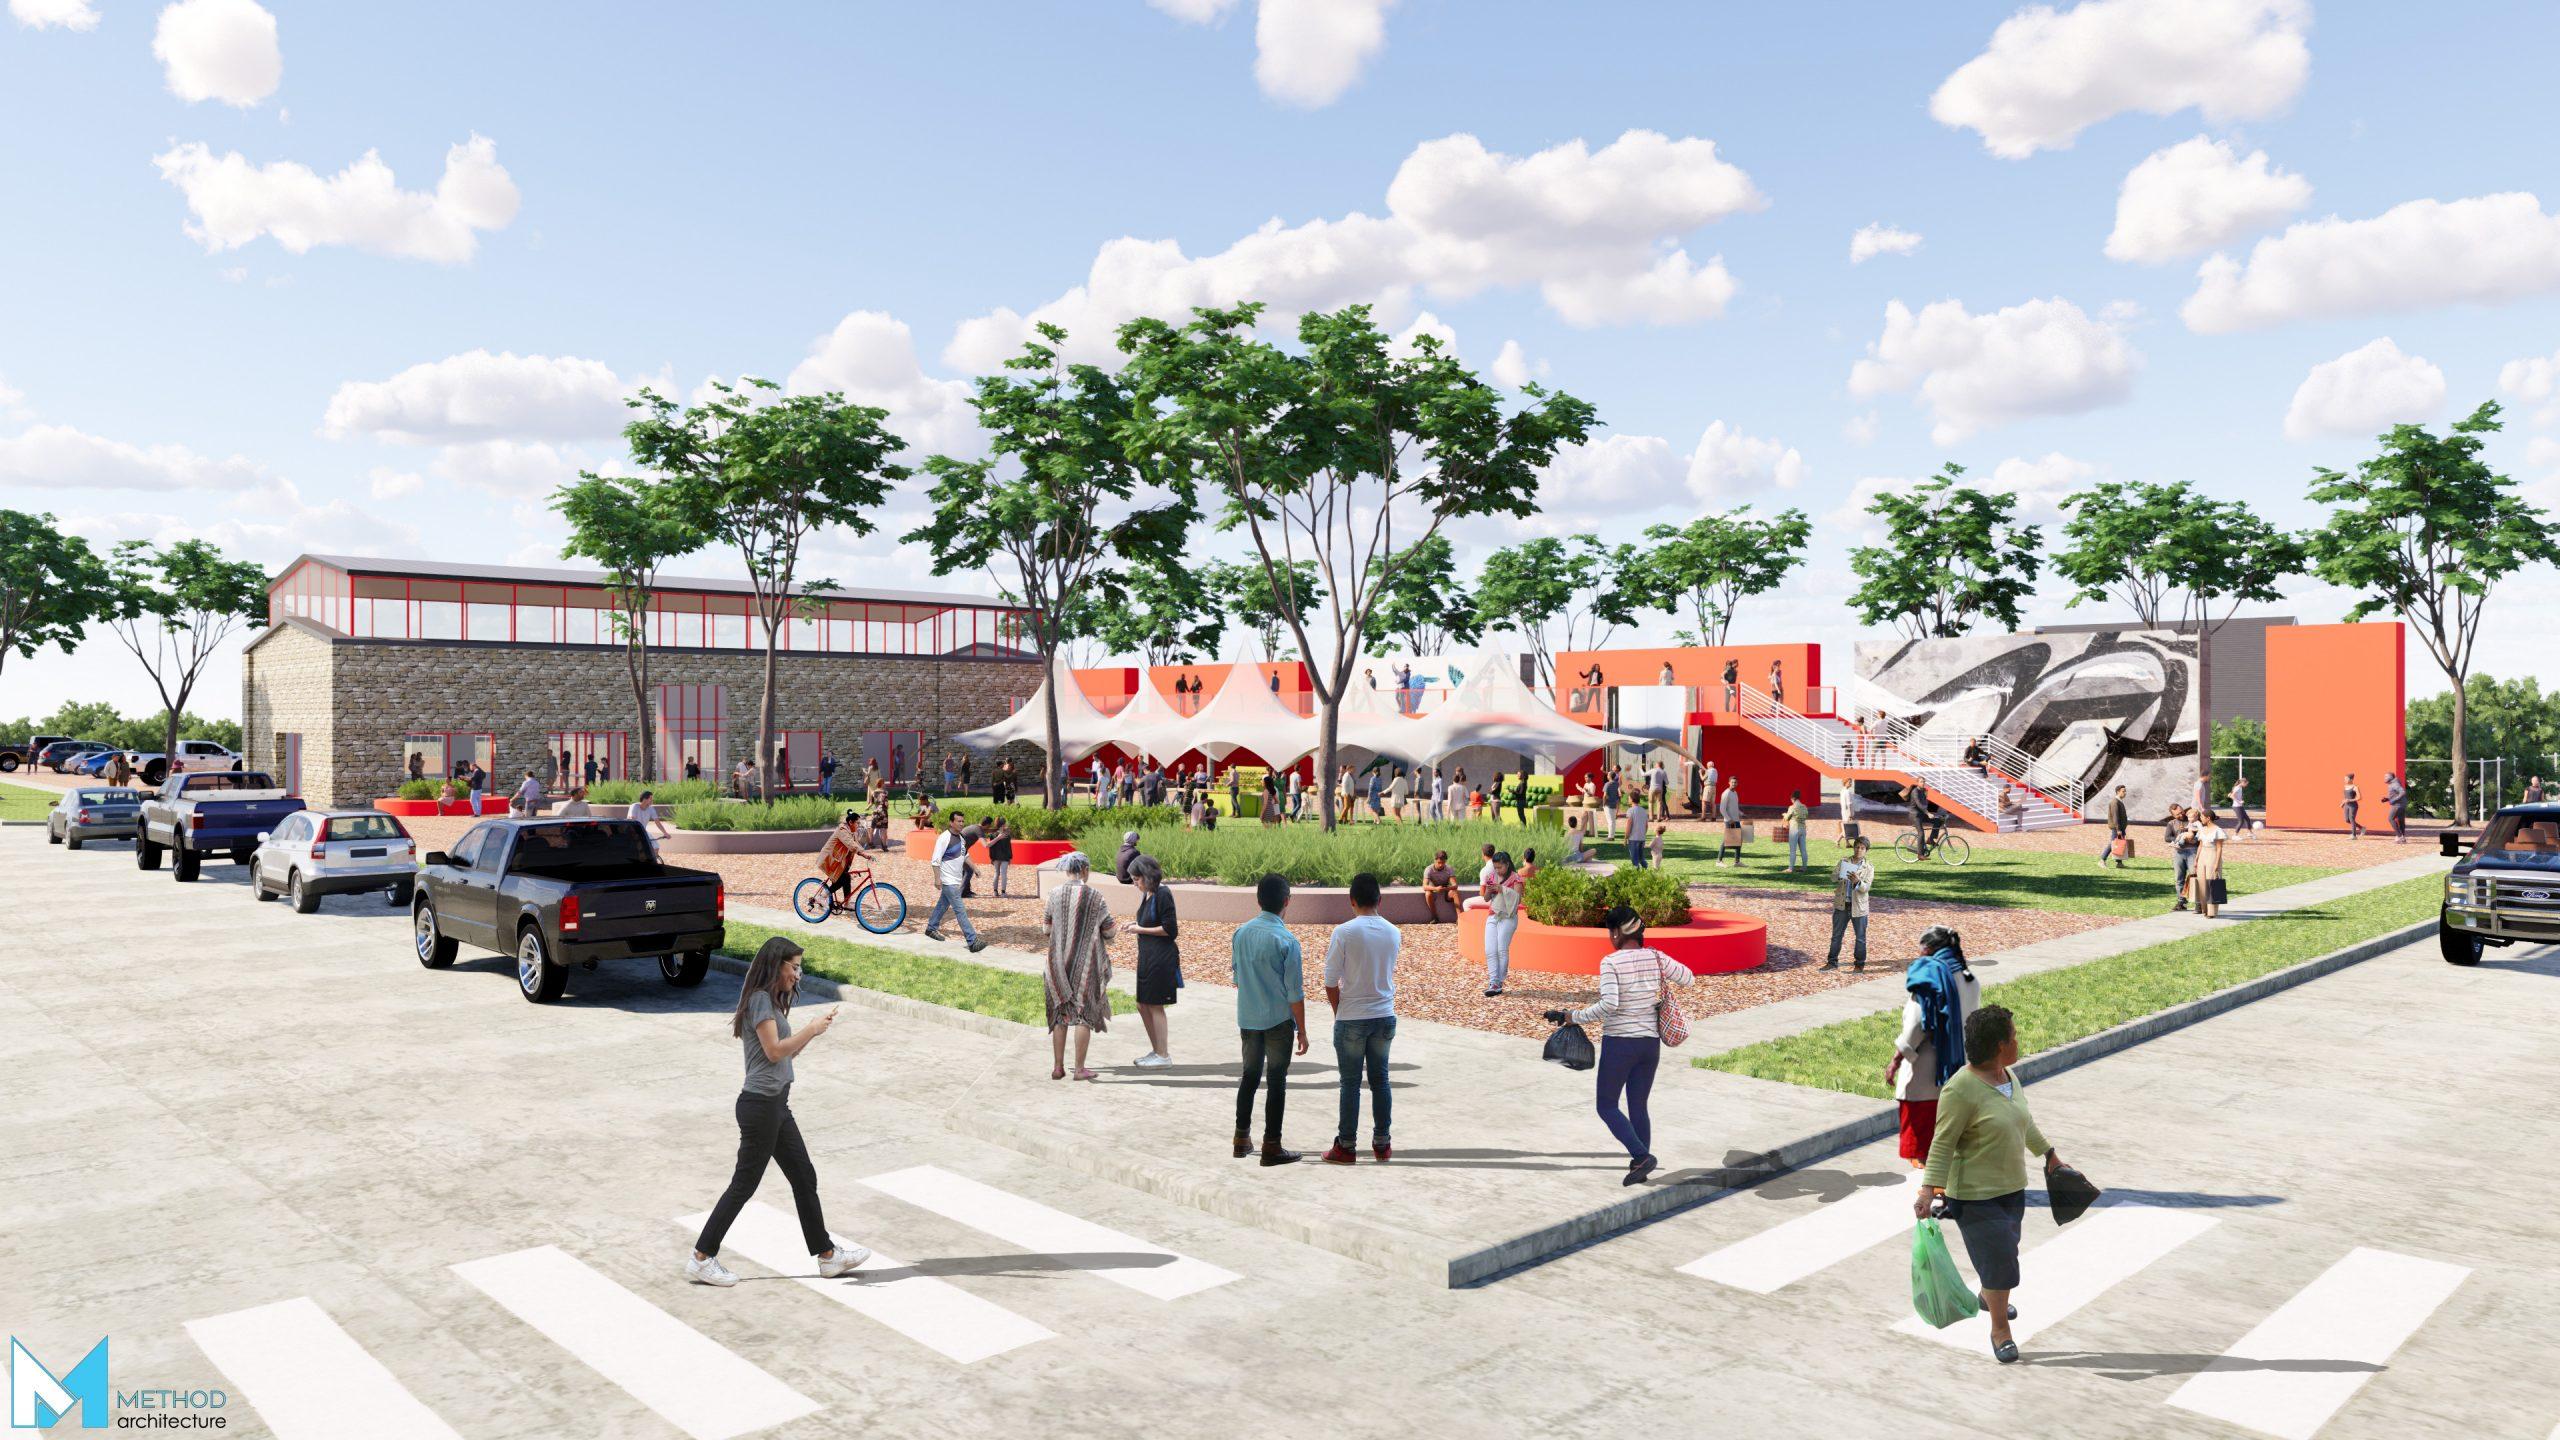 Creating thriving Native communities through reimagining public spaces